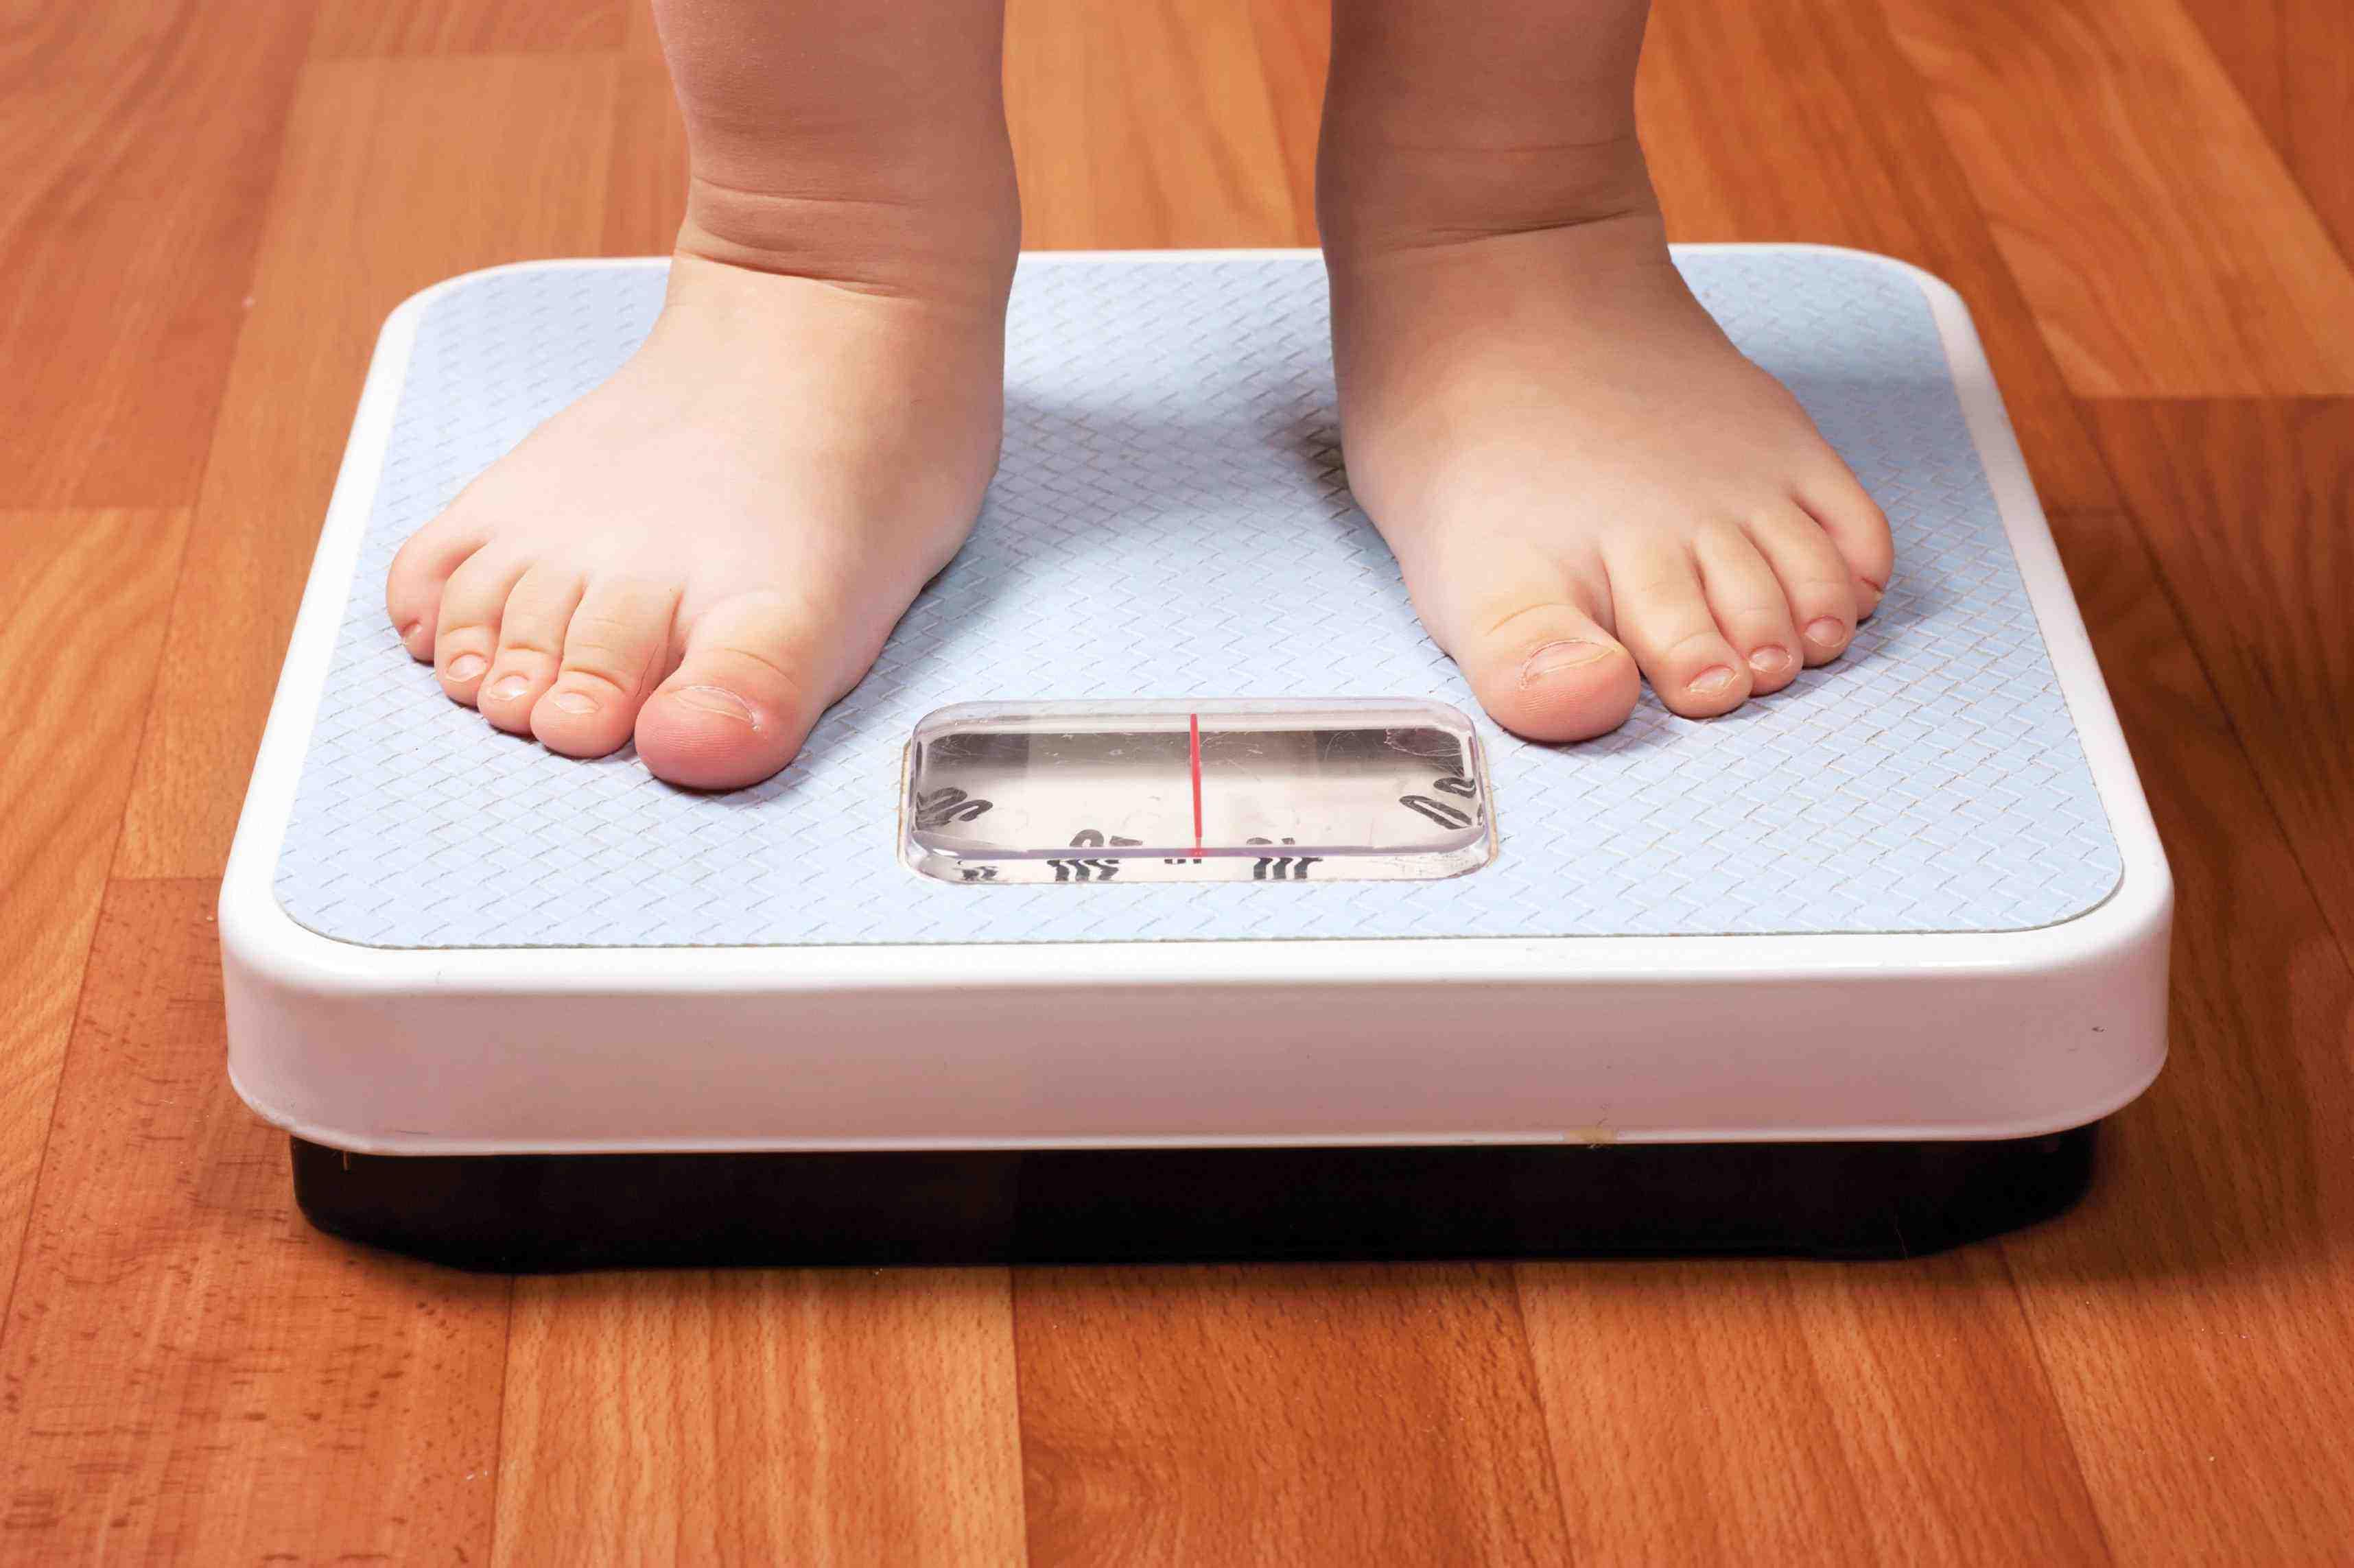 Tiene 5 años, pesa 116 kilos y debió ser internado en un hospital de Santa Fe